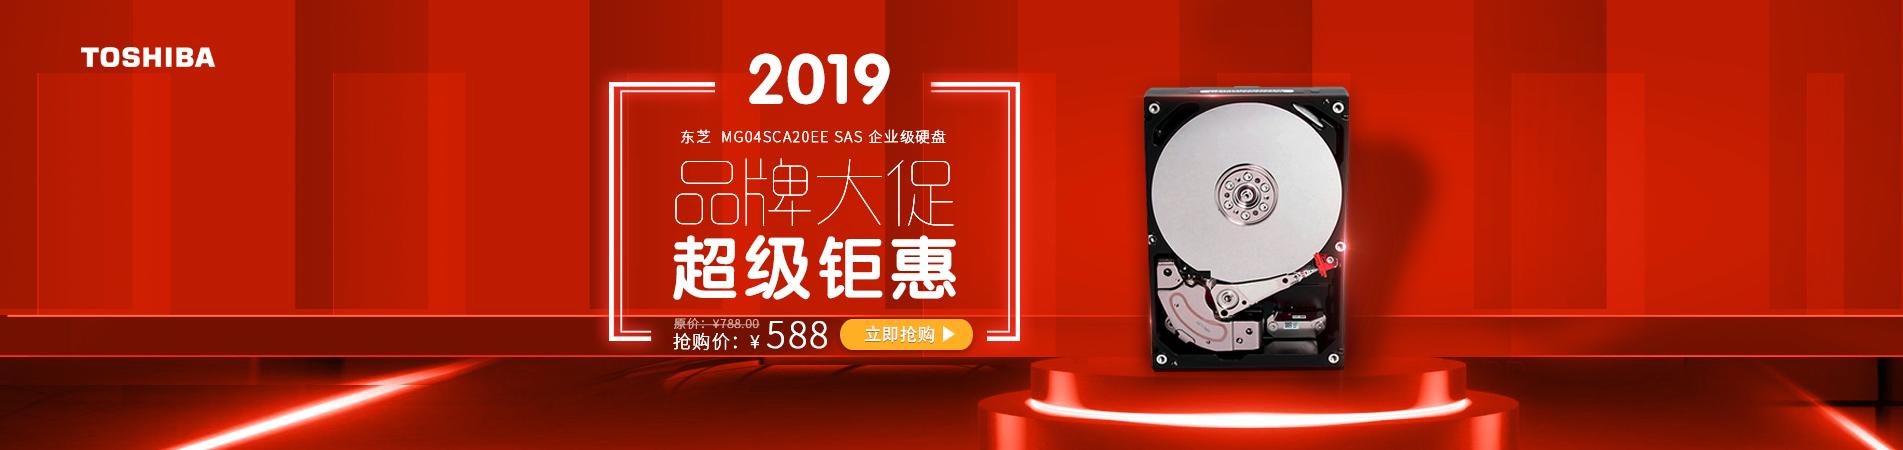 十次方2019品牌大促销——东芝硬盘专场活动,2TB 7200转SAS企业级硬盘 MG04SCA20EE